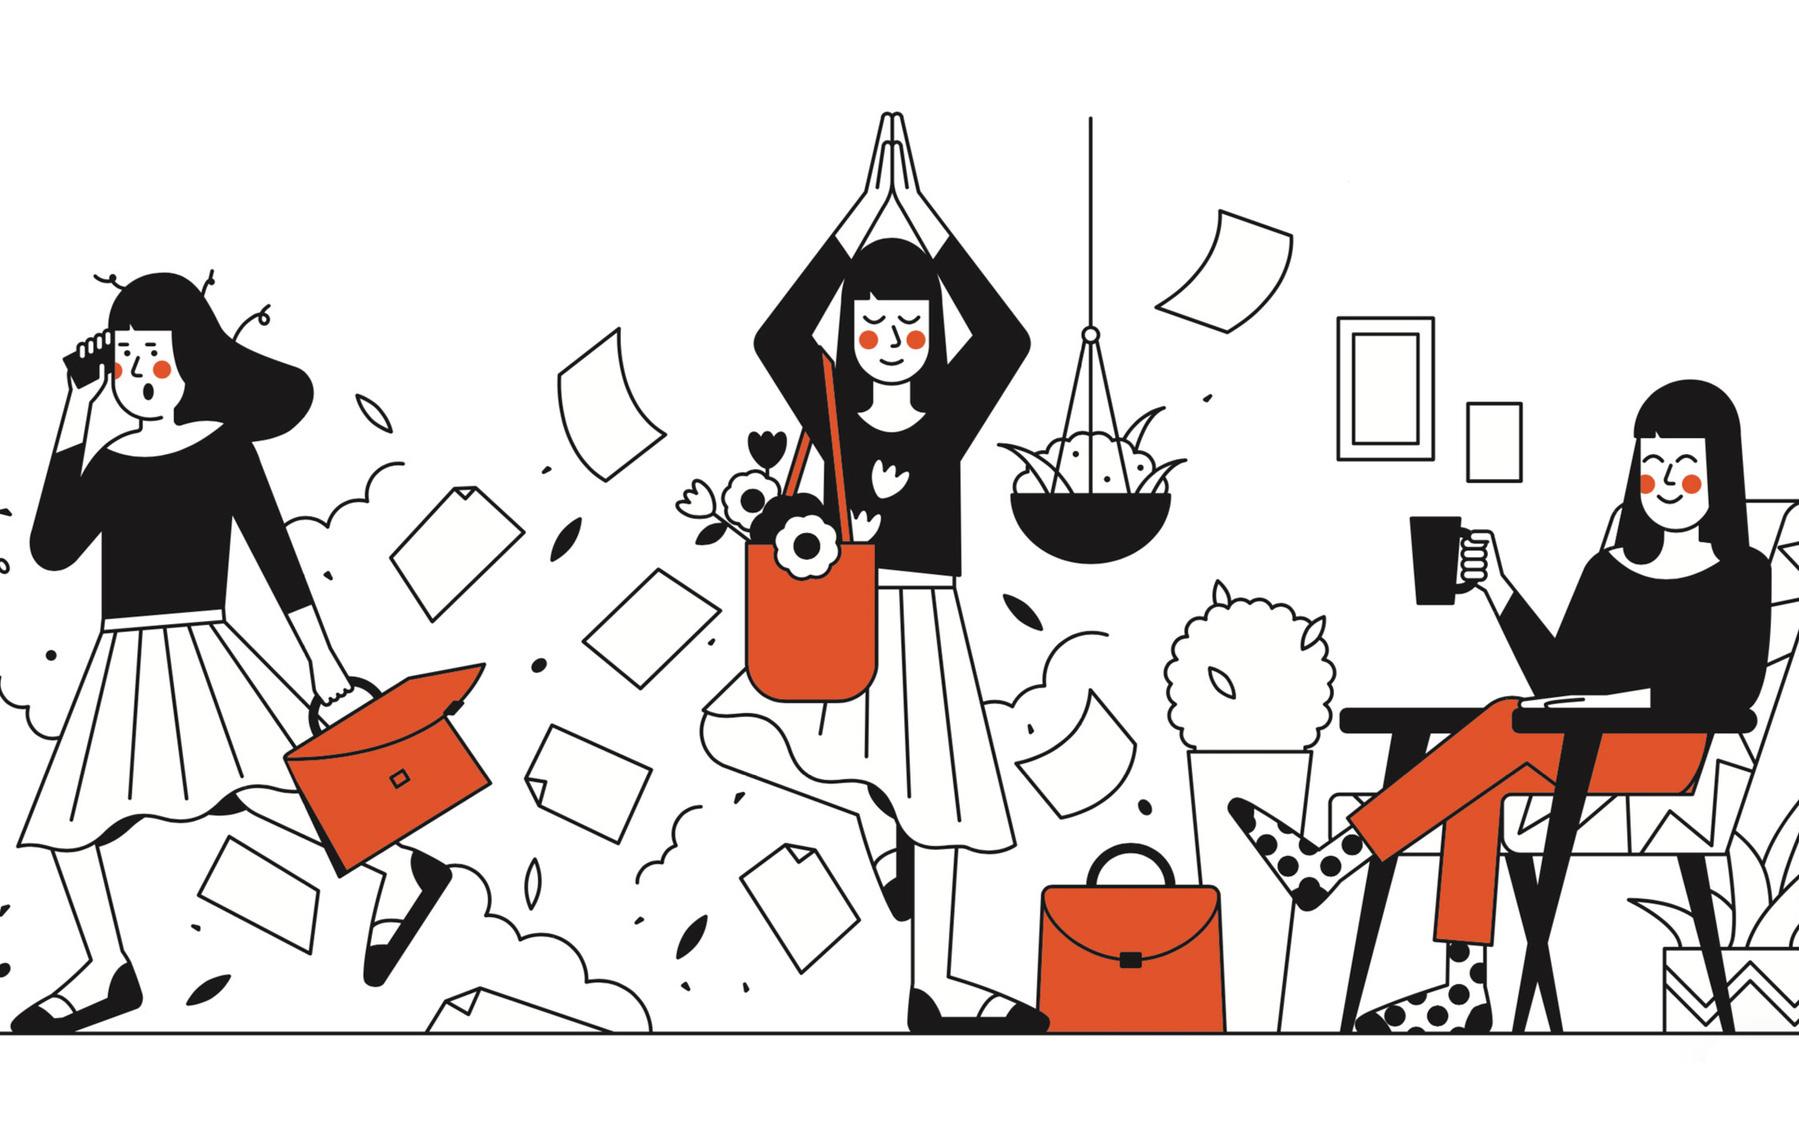 """""""Dọn dẹp"""" công việc sau đại dịch: Tối giản nhiệm vụ, giúp thư giãn, thoải mái lại hiệu quả bất ngờ"""